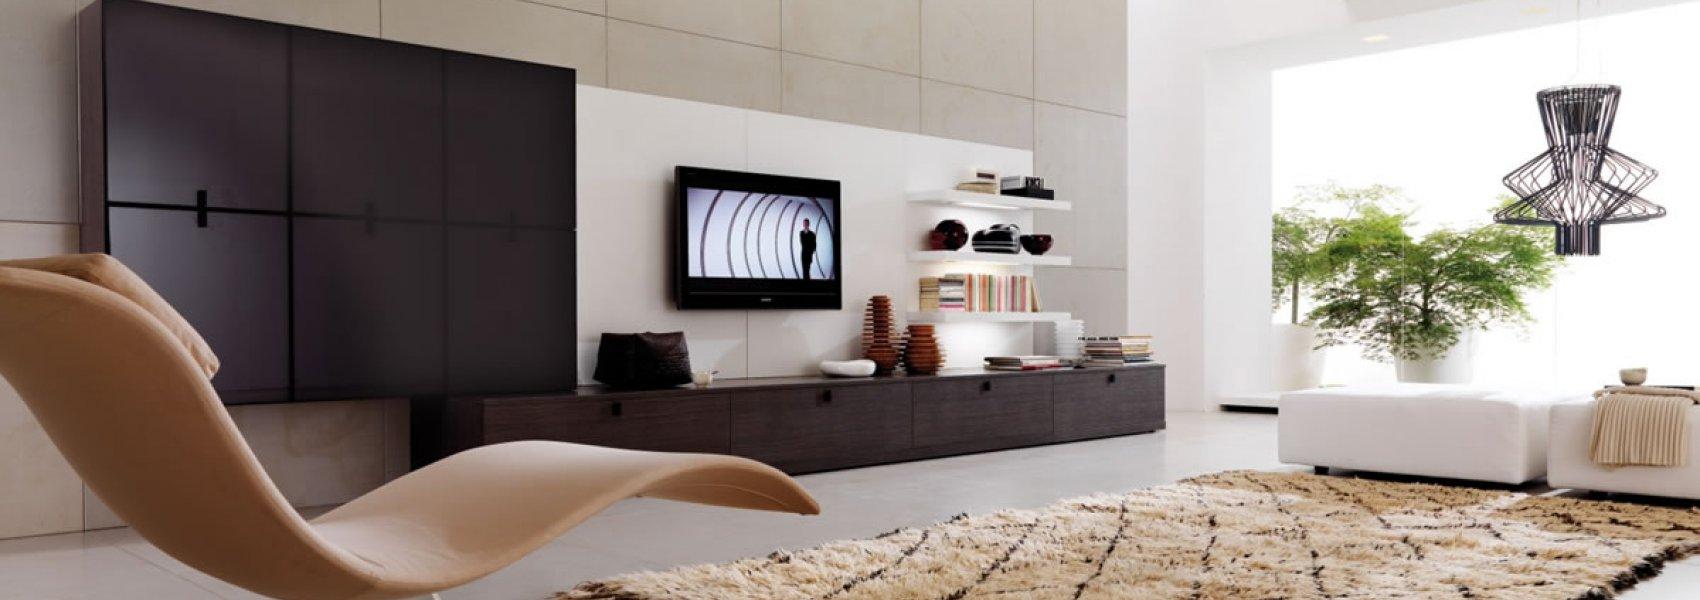 Interieur op maat voor multifunctionele accommodatie | Doelbeek